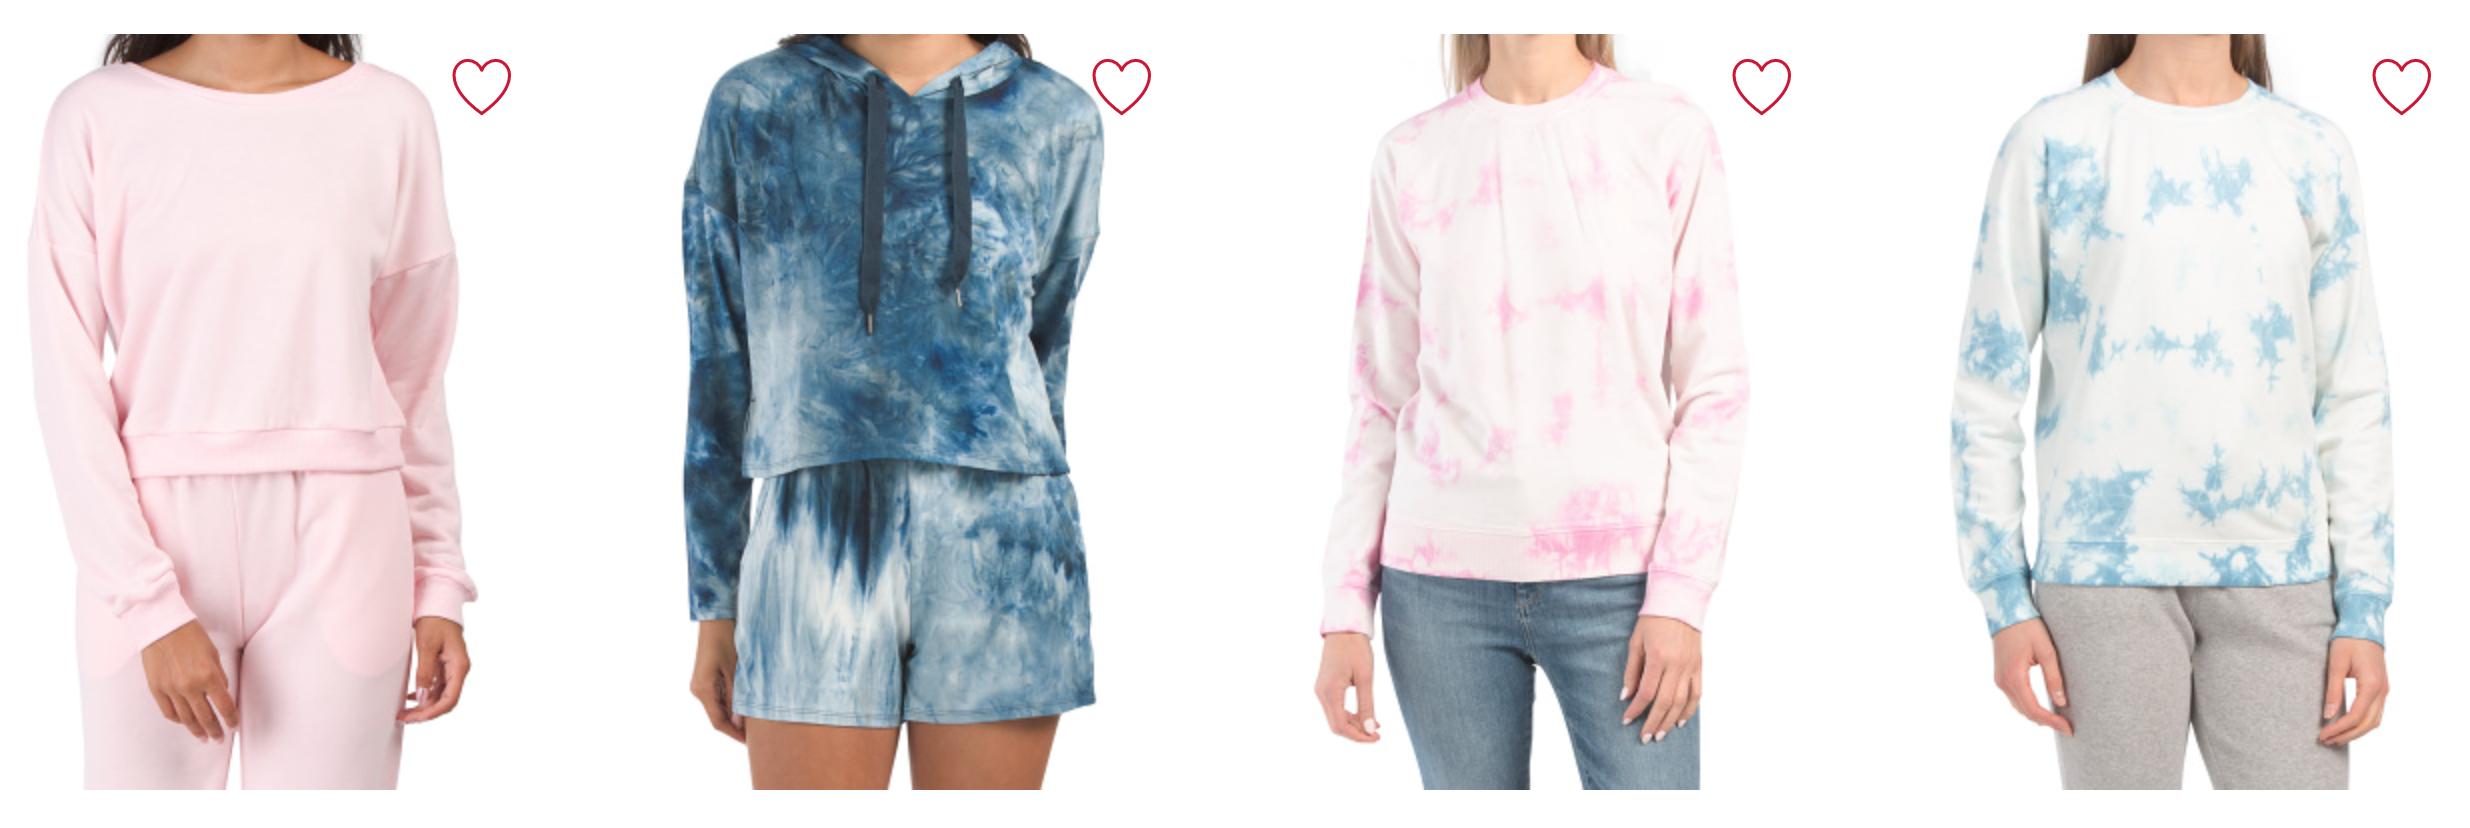 TJ Maxx Womens hoodies under $10